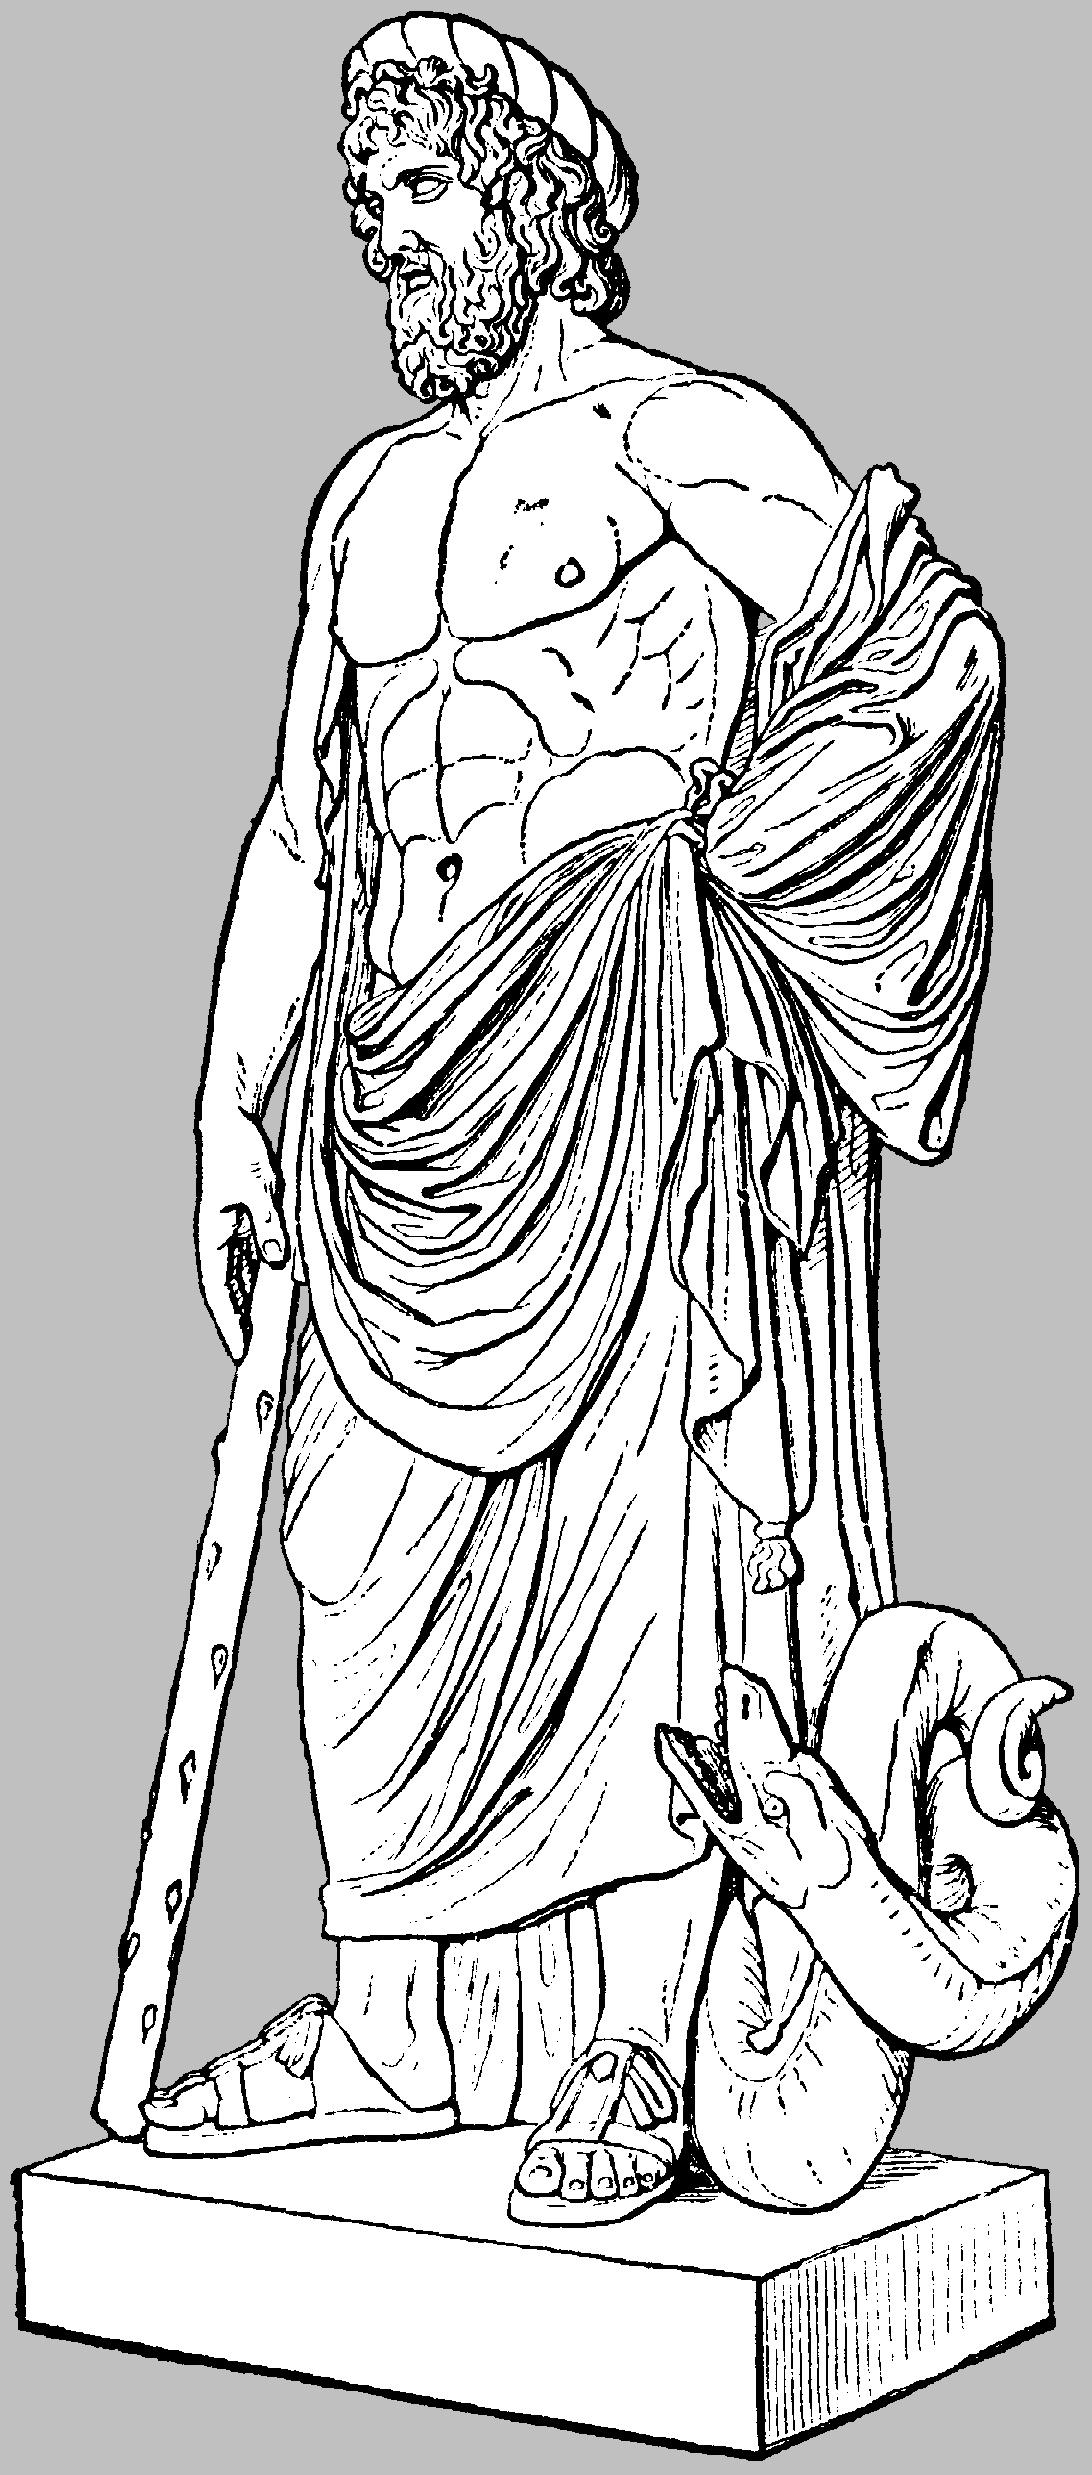 läkekonstens gudinna grekisk mytologi